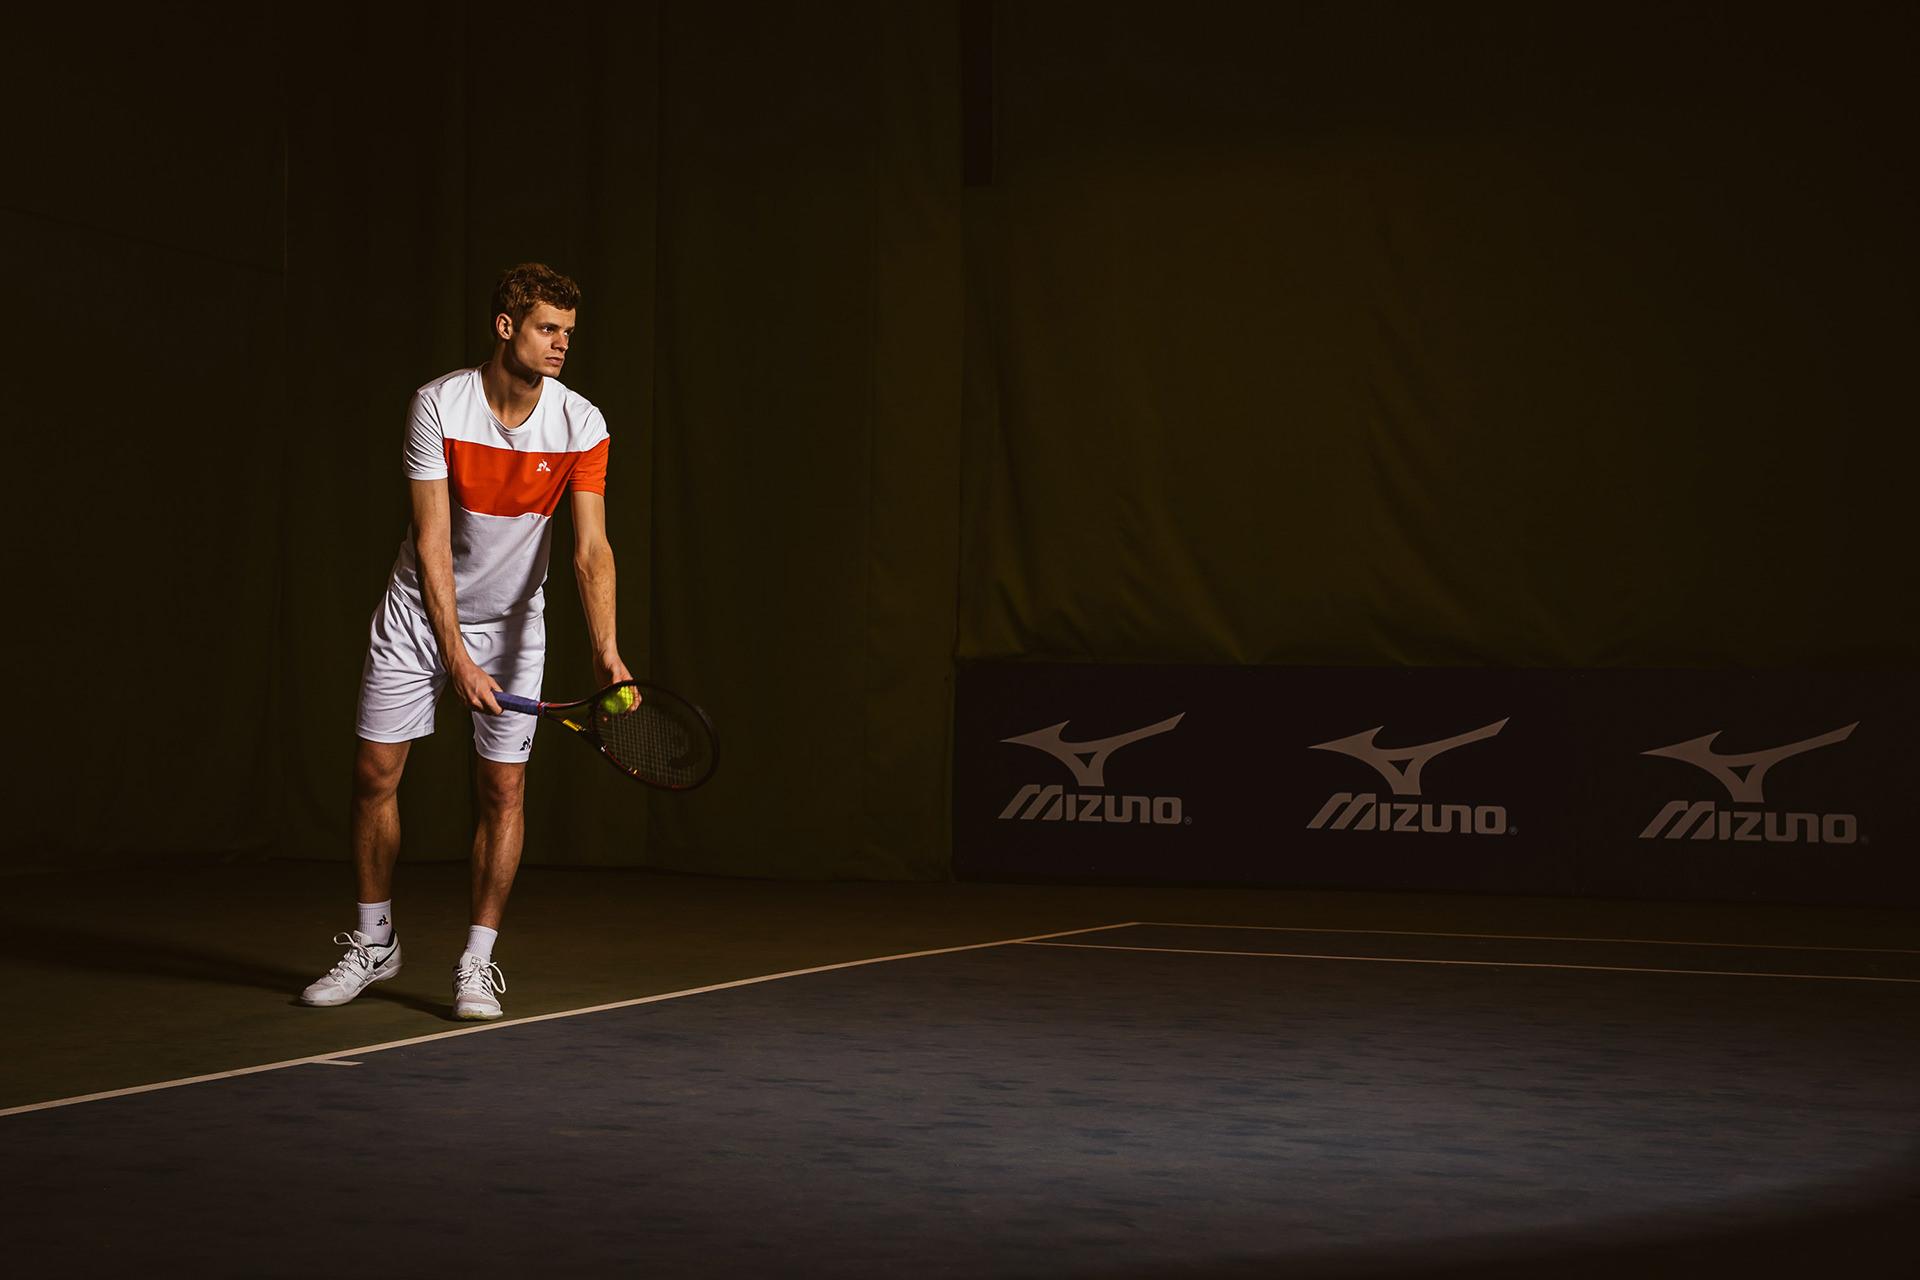 tennis-auffschlag-feld-profi-konzetration